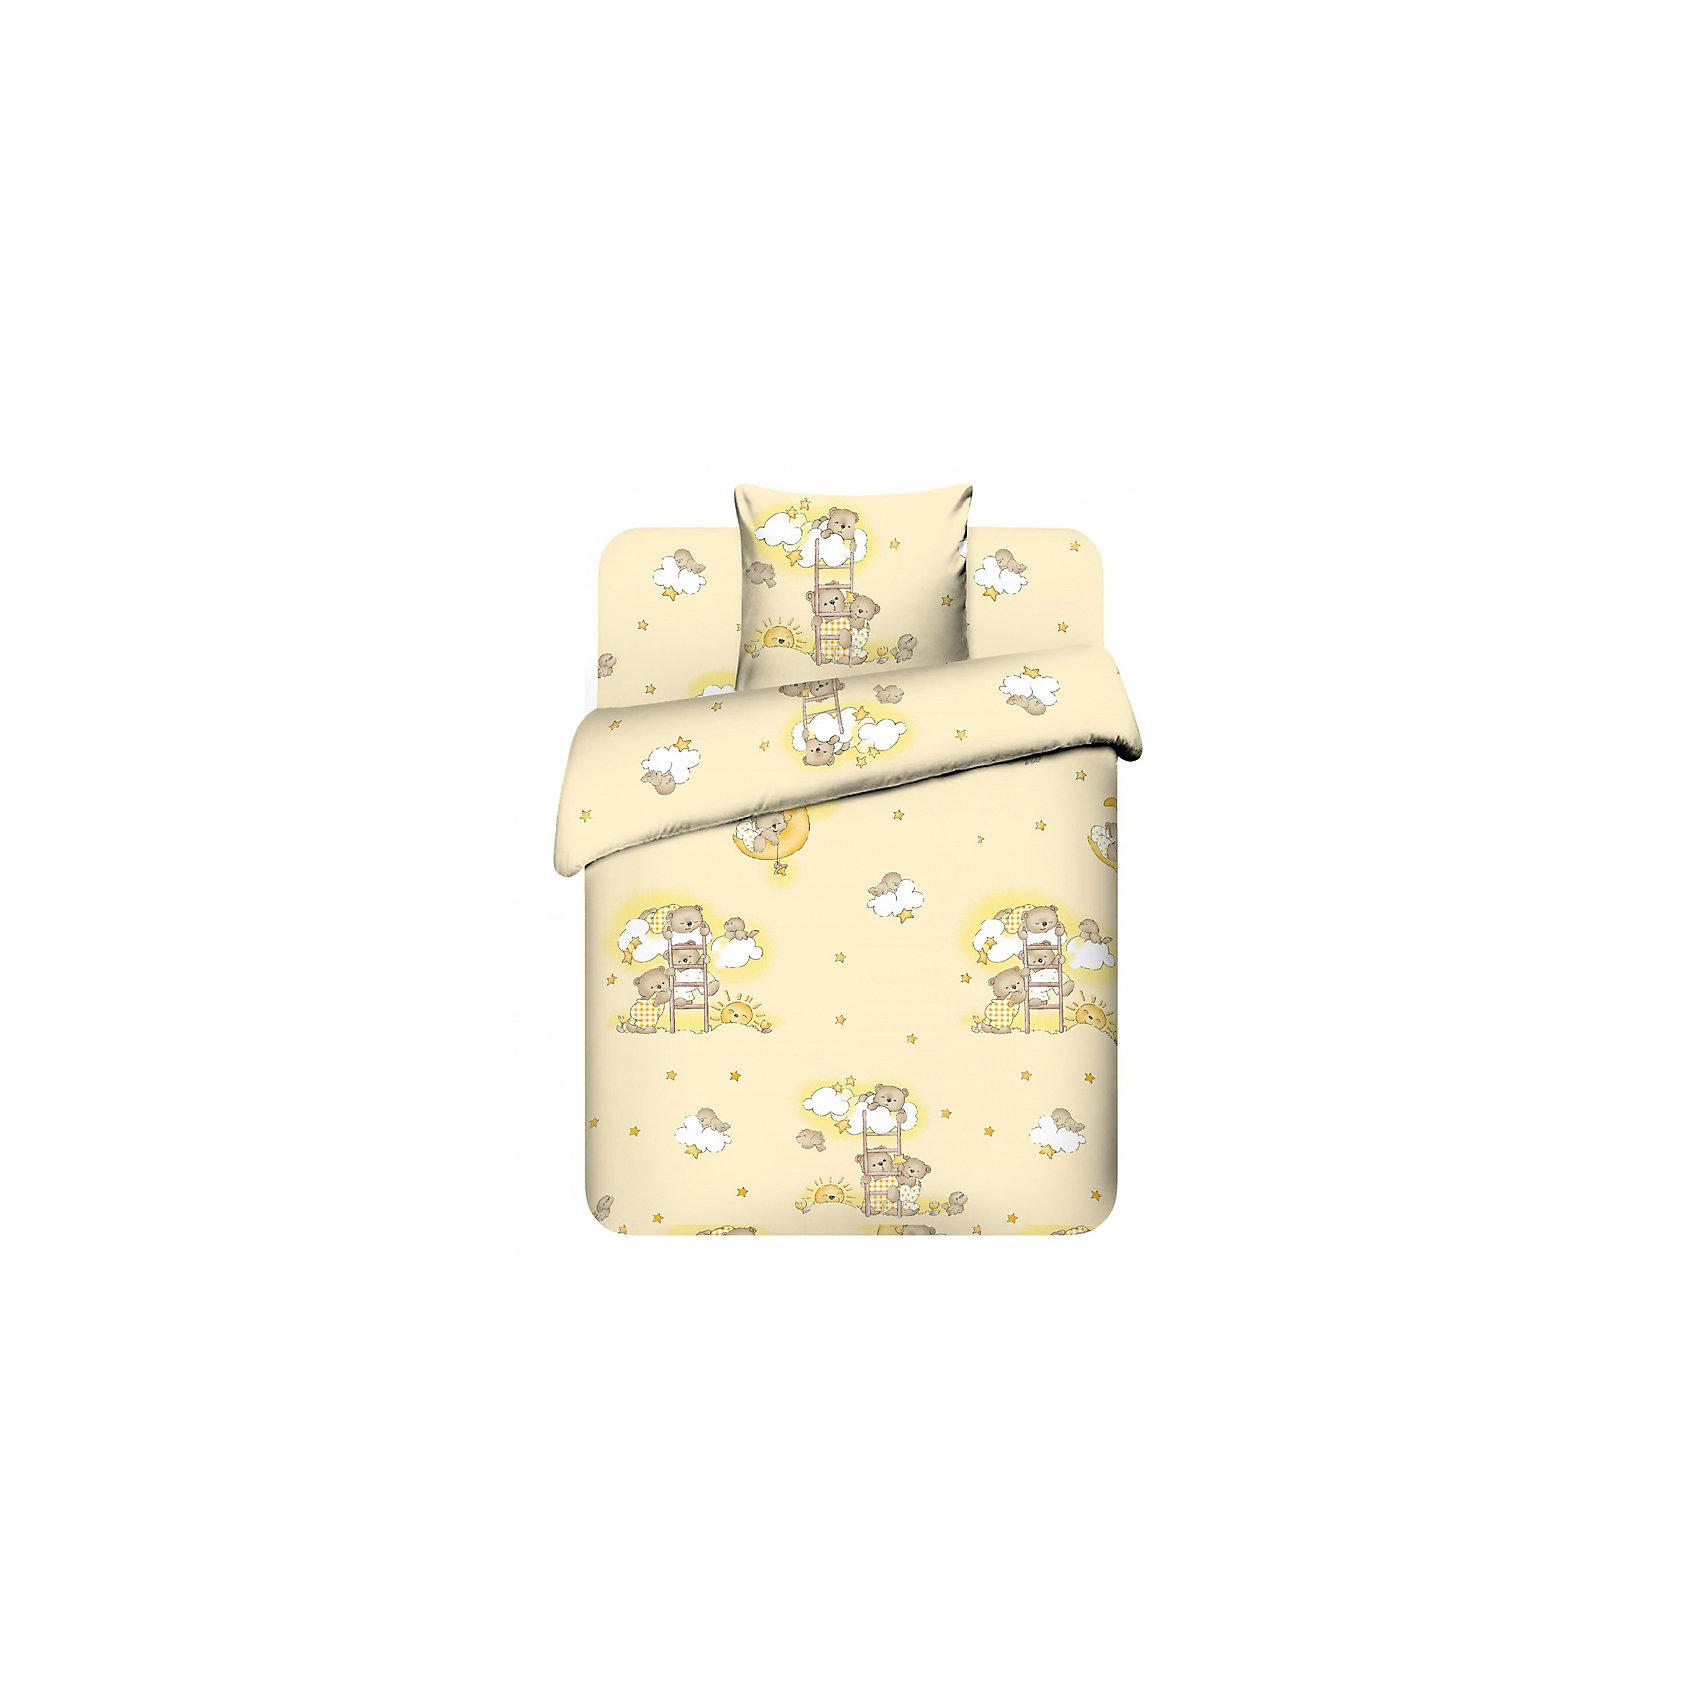 Постельное бельё 3 пр. BG-04, LettoДолговечное, практичное детское постельное бельё 3 пр. BG-04, Letto (Летто) из 100 % хлопка, которое порадует красочным дизайном с изображением забавных героев и сделает интерьер детской спальни оригинальным и сказочным. Комплект изготовлен из хлопковой бязи, этот материал отличается сочетанием легкости и прочности, он износоустойчив и не боится многочисленных стирок. Воздухопроницаемая ткань особенно комфортна для детского сна, так как позволяет коже дышать. Сон будет не только здоровым, но и ярким! <br><br>Комплектация: пододеяльник, простыня, наволочка    <br><br>Дополнительная информация: <br>-Размеры белья: пододеяльник  145х110 см, простыня 150х100 см, наволочка 40х60 см<br>-Размеры в упаковке: 330х250х40 мм<br>-Вес в упаковке: 1400 г<br>-Материалы: перкаль (100% хлопок плотностью 125 г/м)<br><br>Постельное бельё 3 пр. BG-04, Letto (Летто) подарит Вашему ребенку самый здоровый сон и отдых!<br><br>Постельное бельё 3 пр. BG-04, Letto (Летто) можно купить в нашем магазине.<br><br>Ширина мм: 330<br>Глубина мм: 250<br>Высота мм: 40<br>Вес г: 1400<br>Возраст от месяцев: 0<br>Возраст до месяцев: 36<br>Пол: Унисекс<br>Возраст: Детский<br>SKU: 4053598